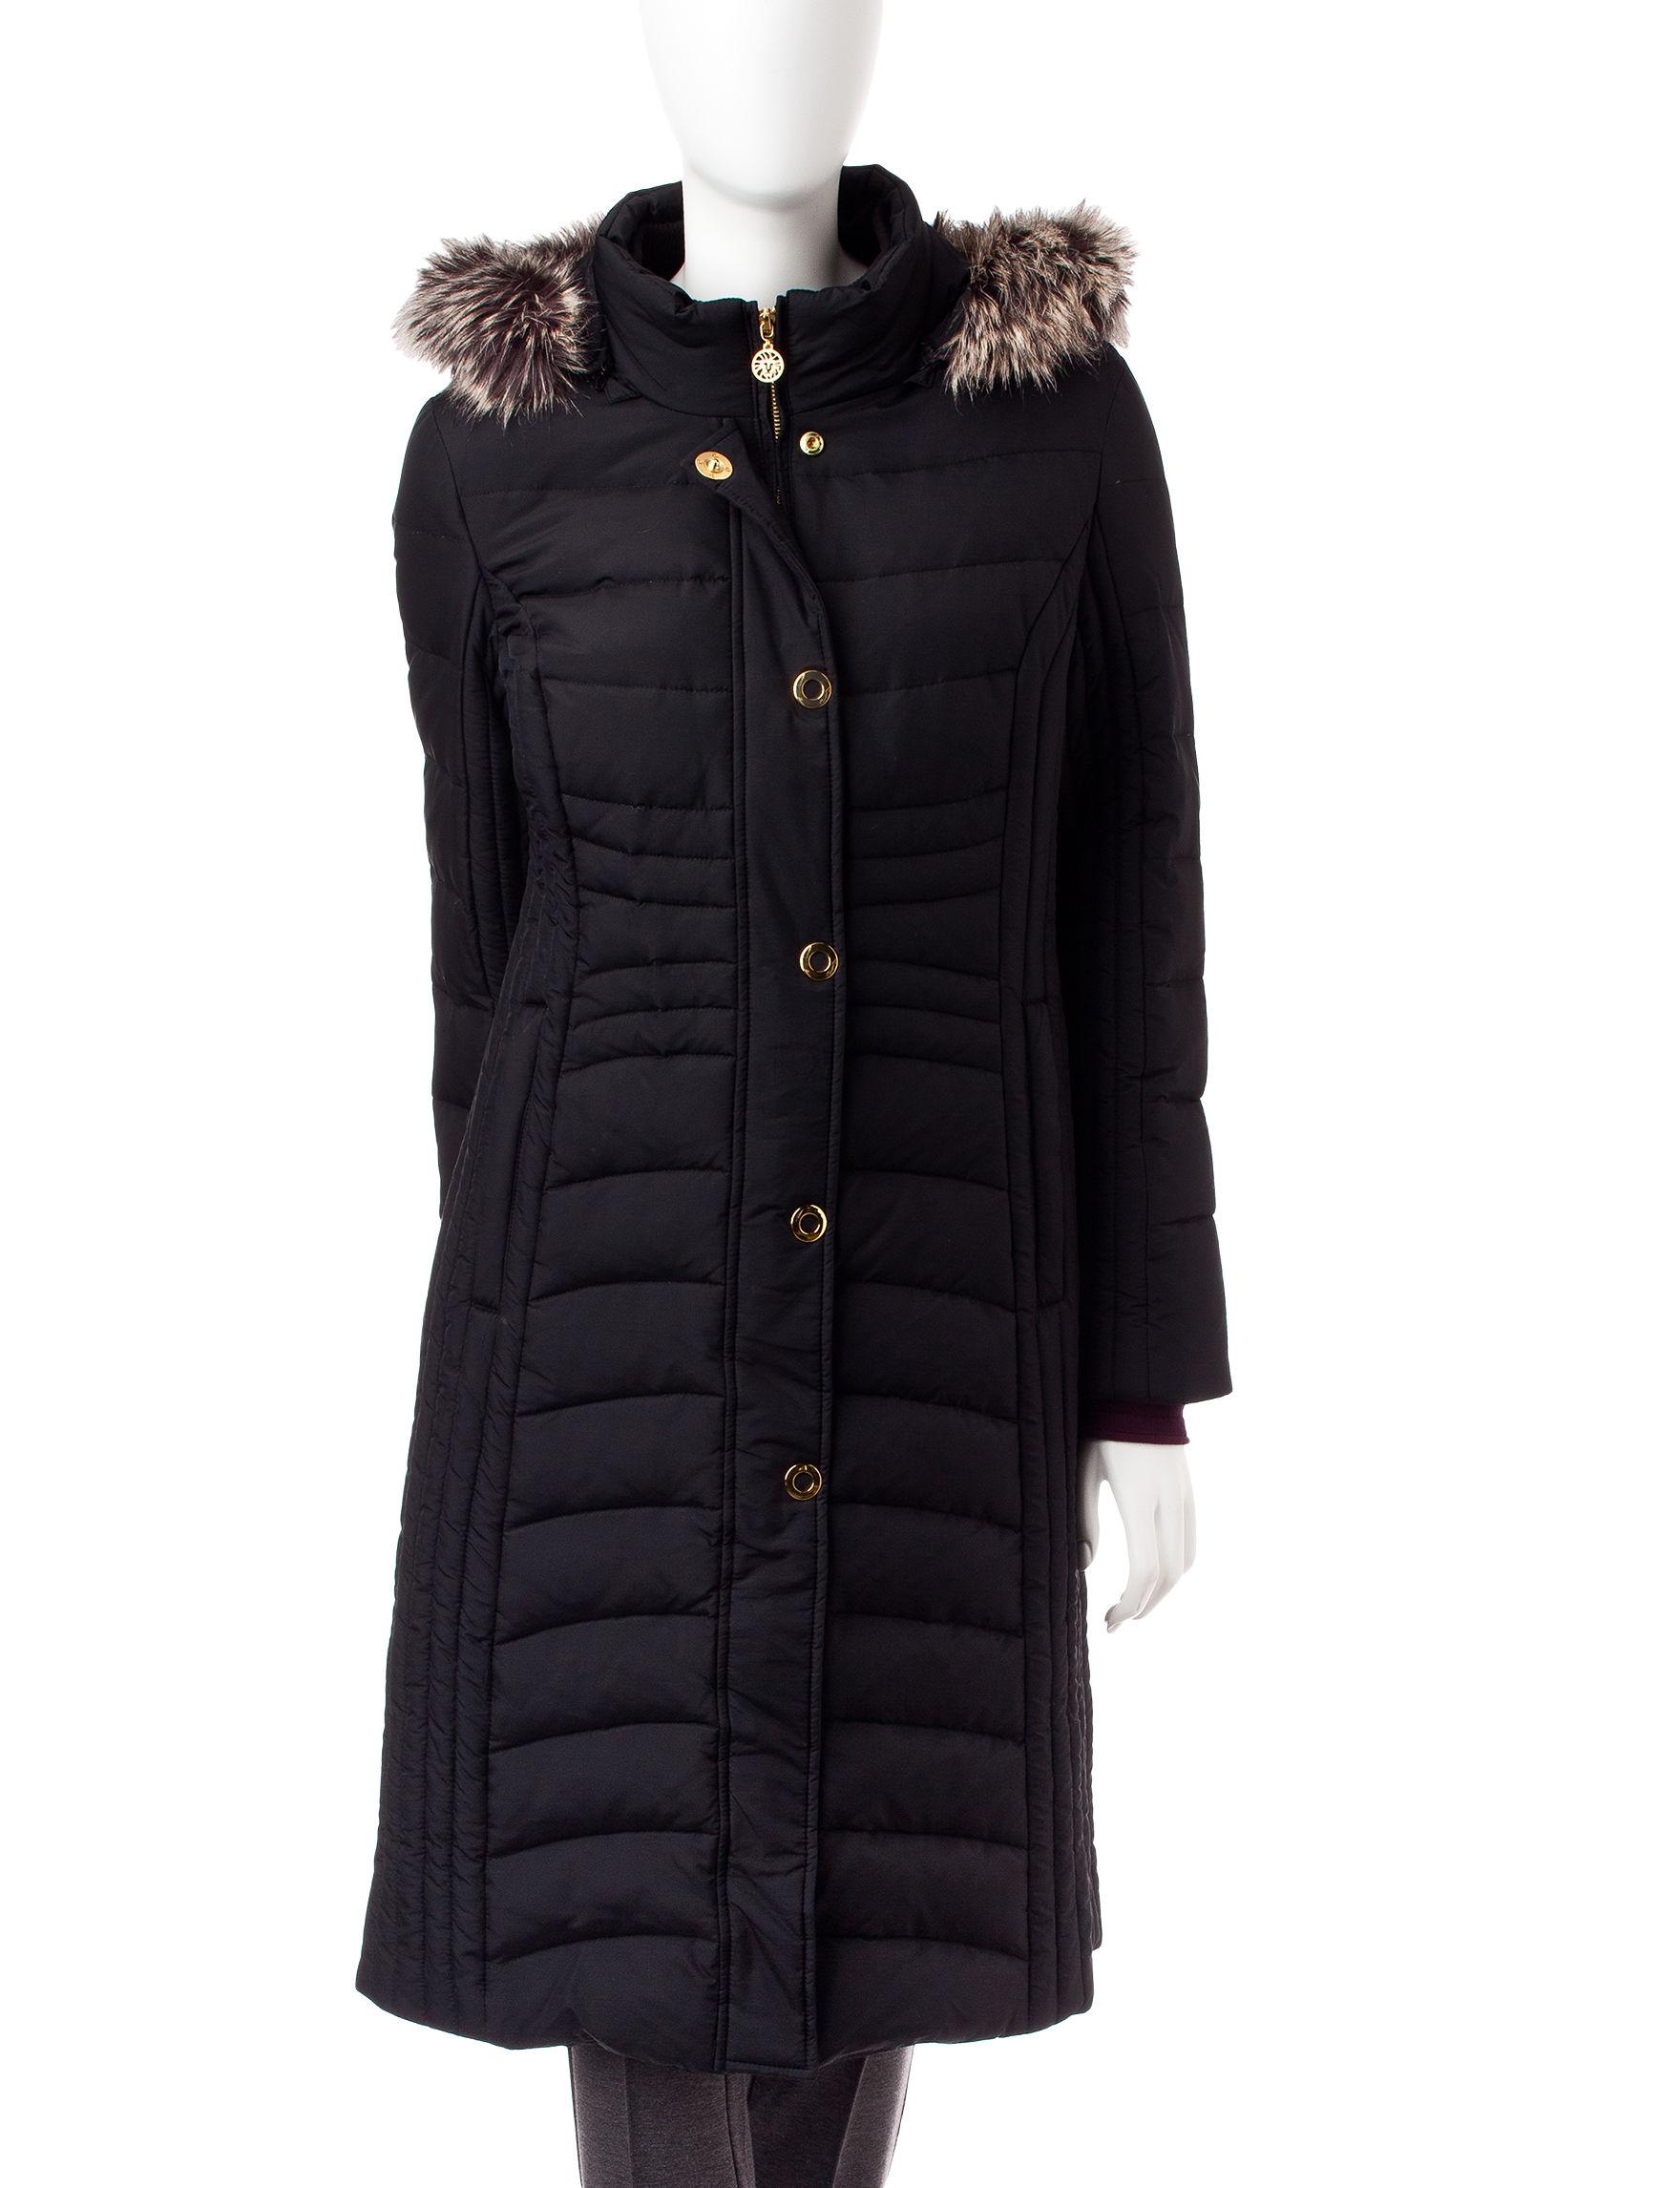 Anne Klein Black Rain & Snow Jackets